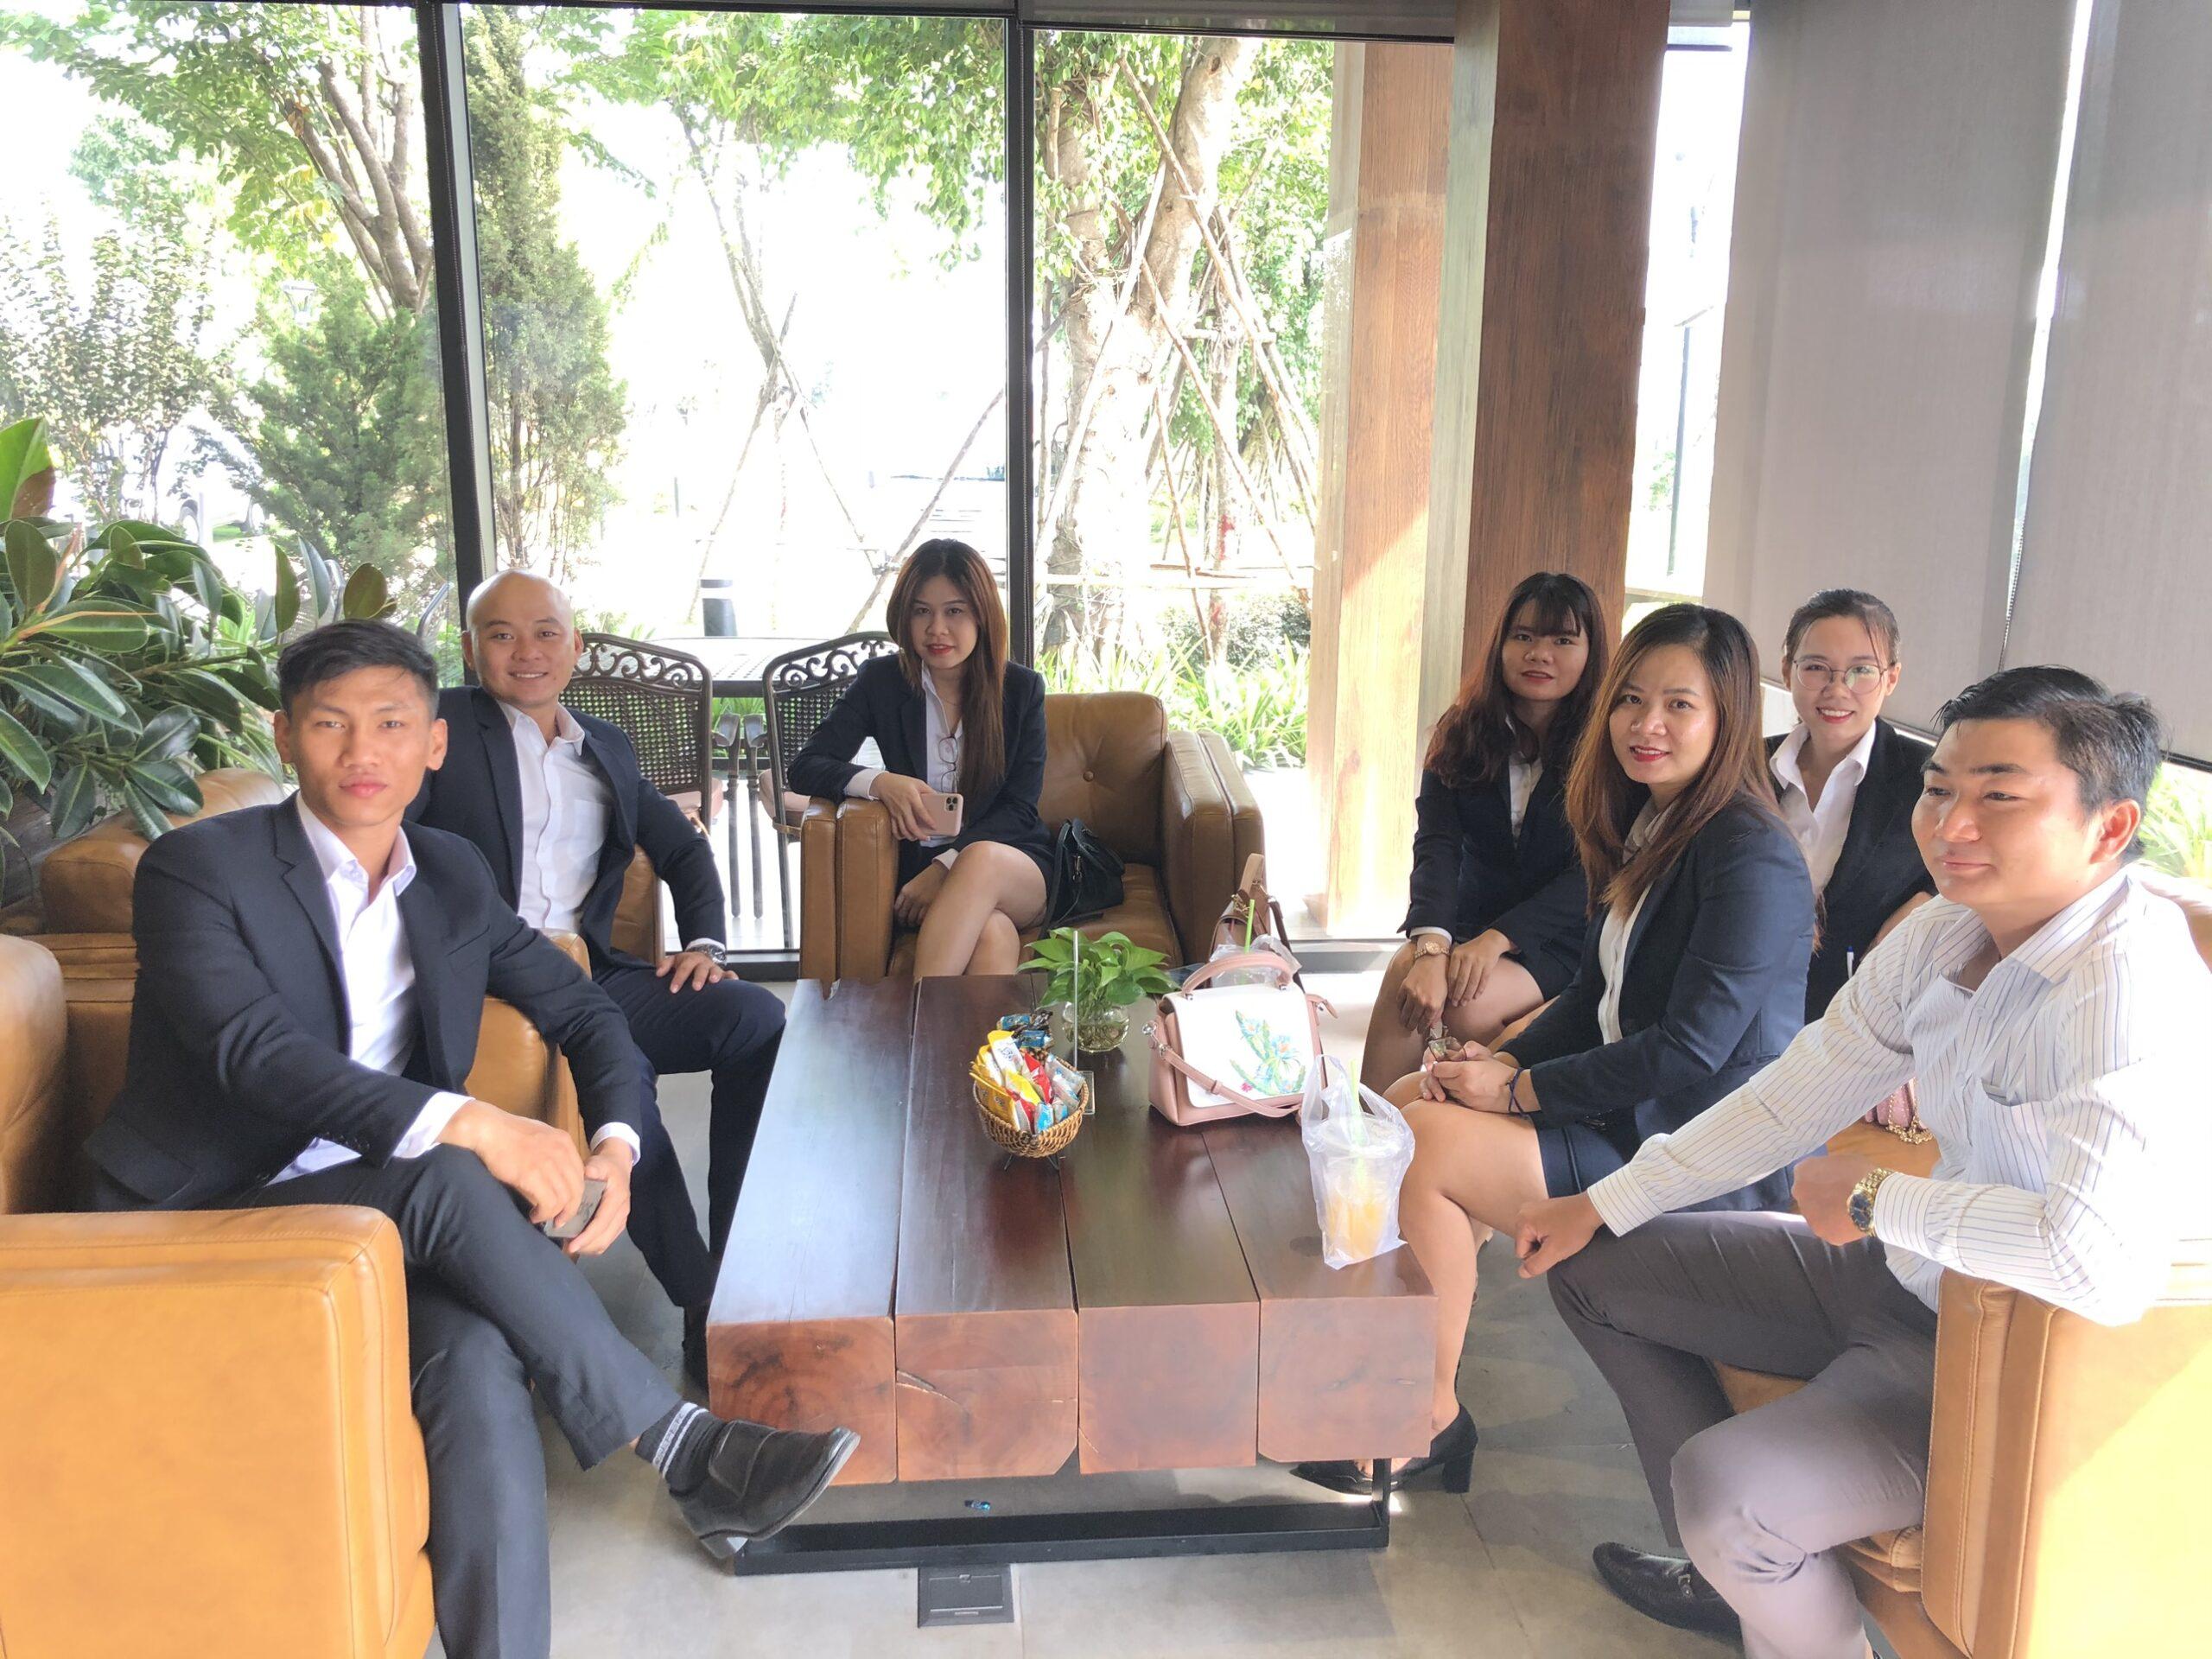 Hồng Hà Land cùng dự án Aqua City